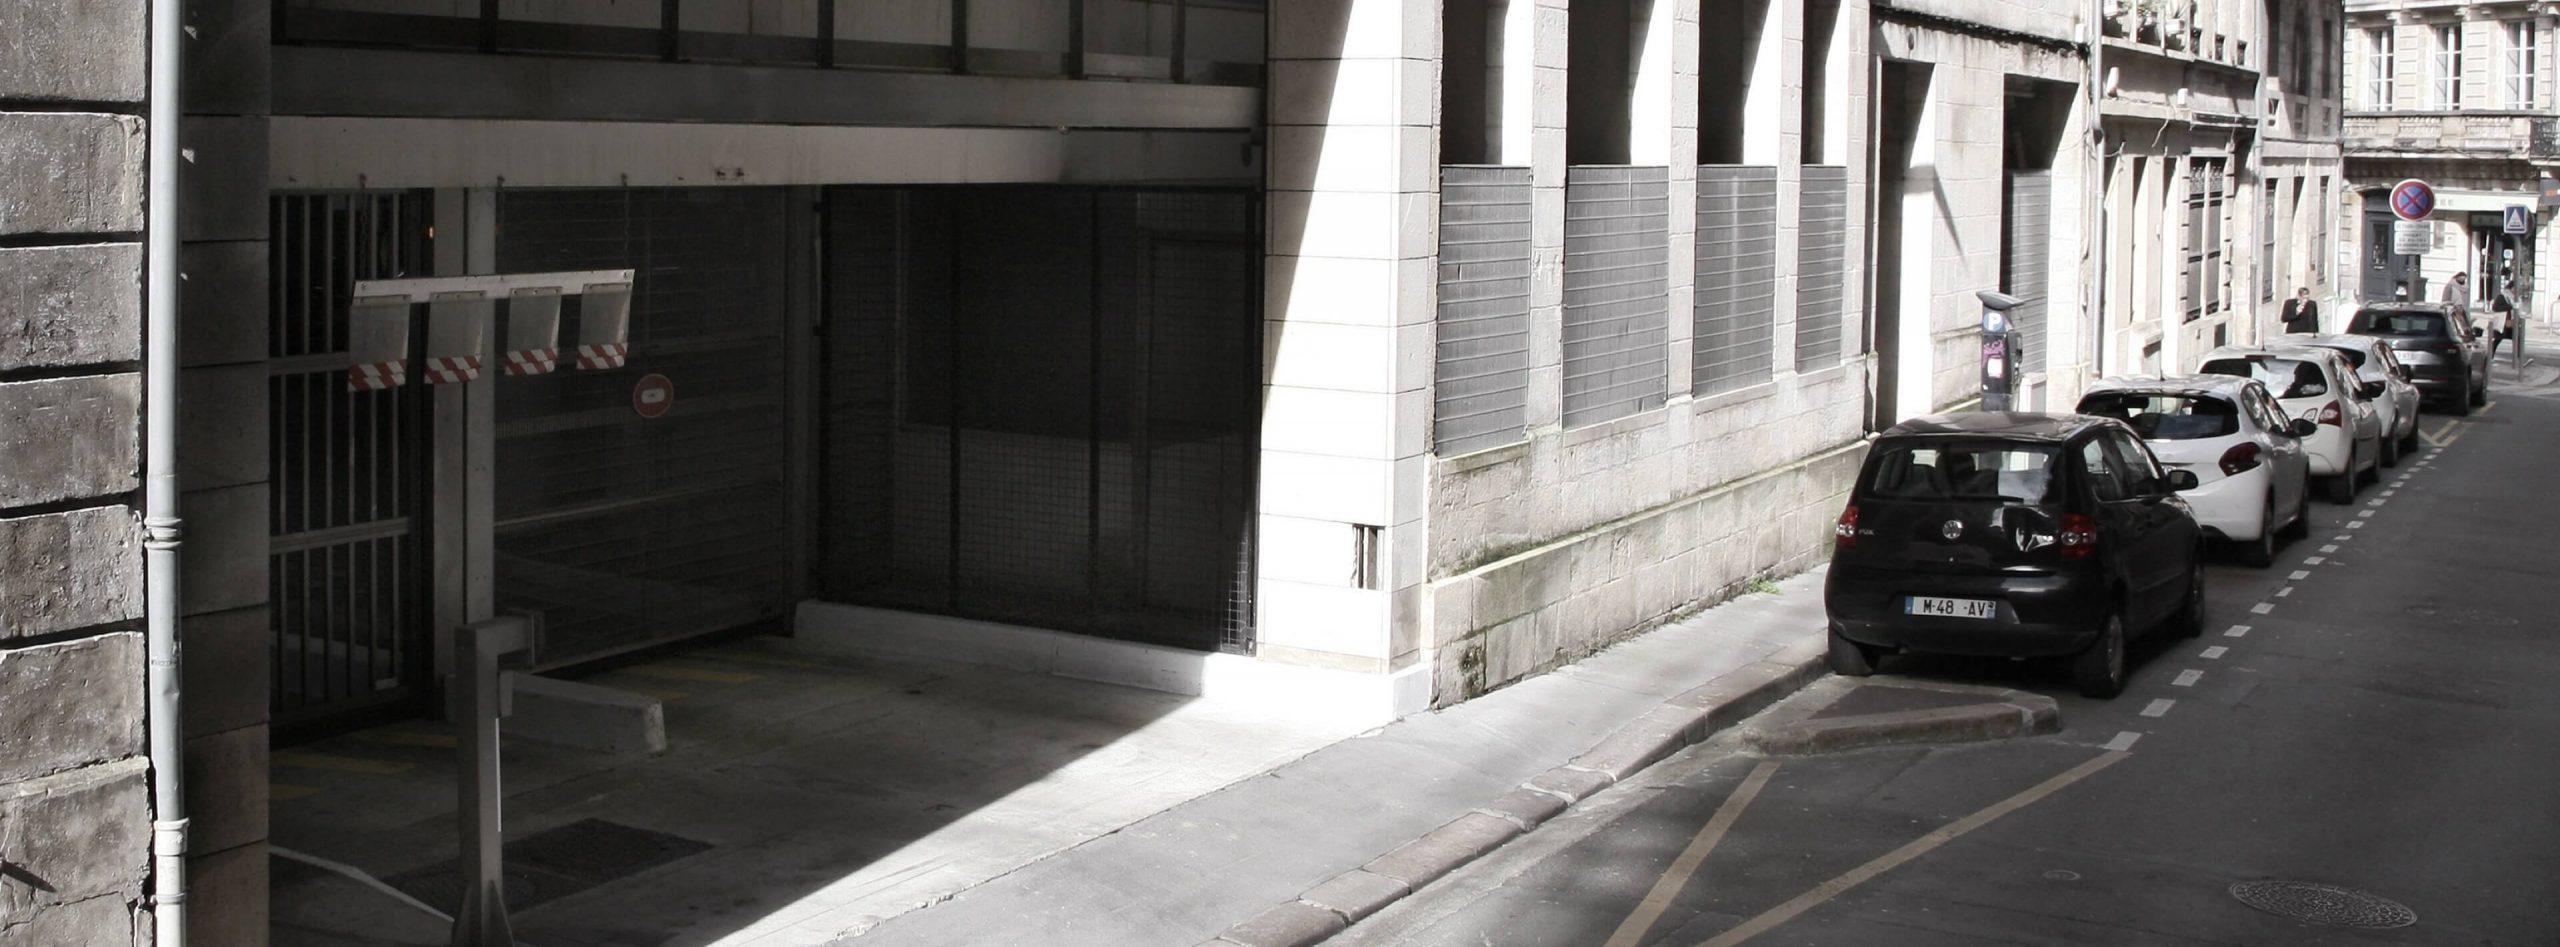 Garez-vous dans le parking Lhote METPARK, proche de la place Tourny deBordeaux. Places de parking véhicule, moto ou moto sur abonnement uniquement.